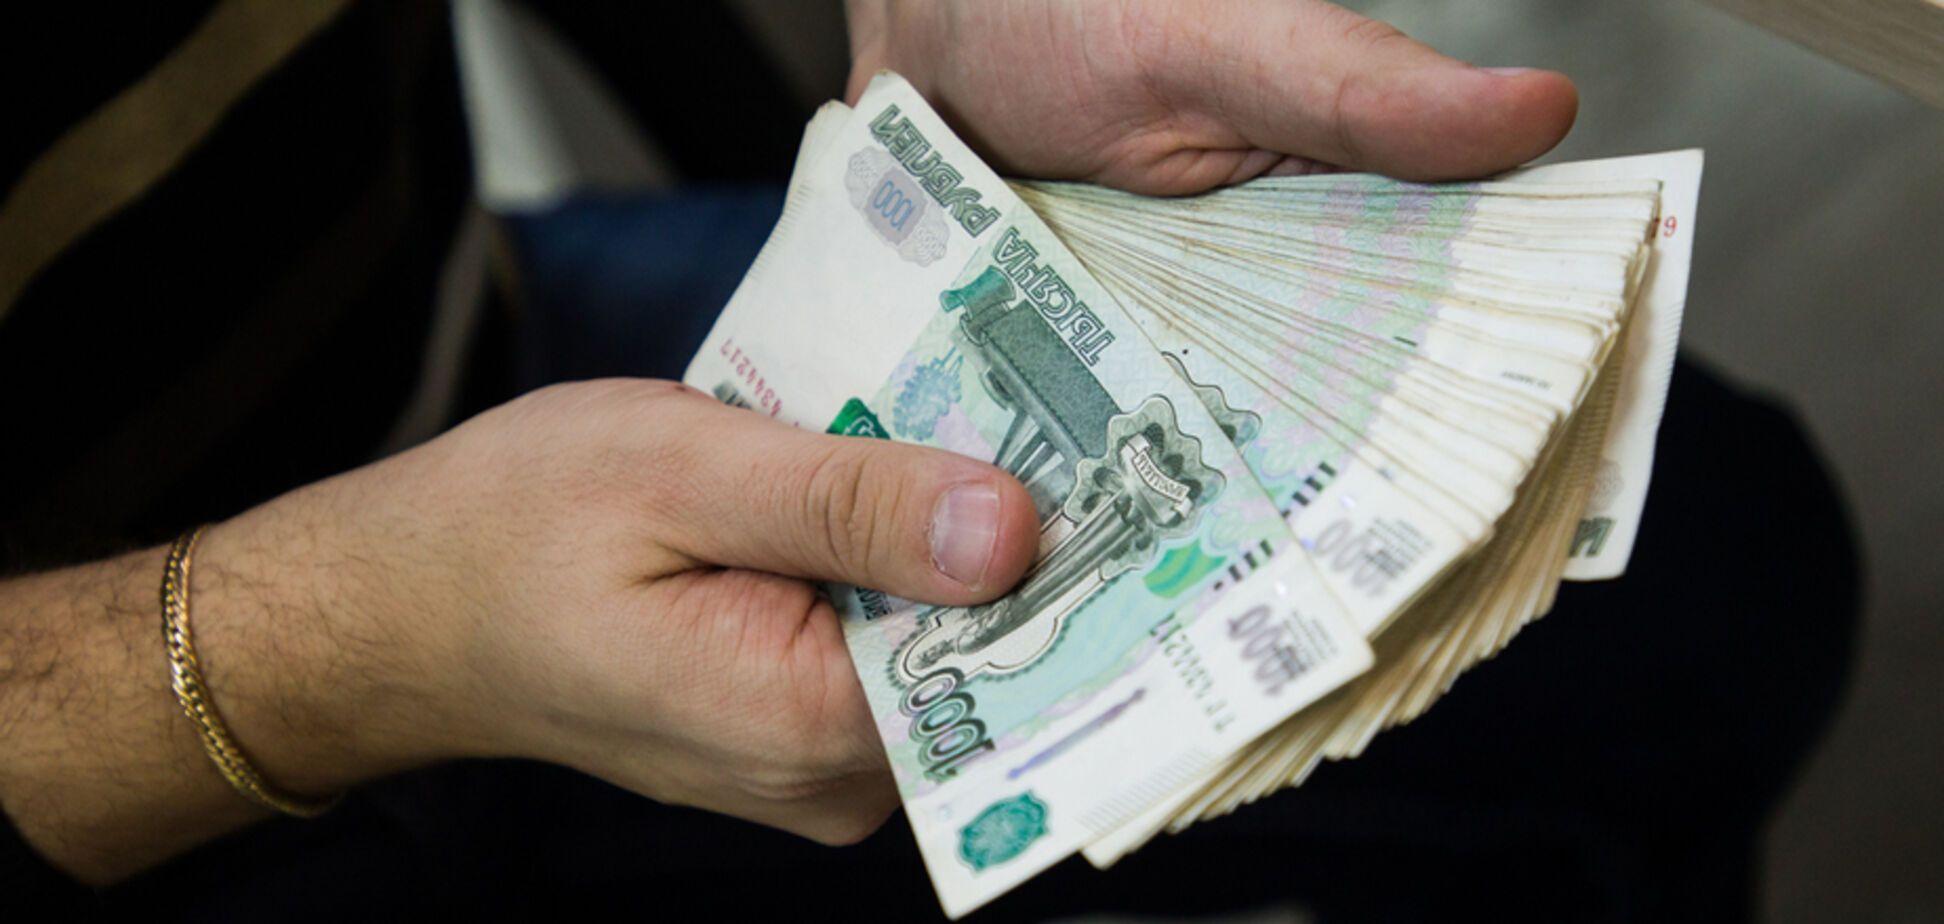 'Это катастрофа': российской экономике спрогнозировали крах из-за санкций США